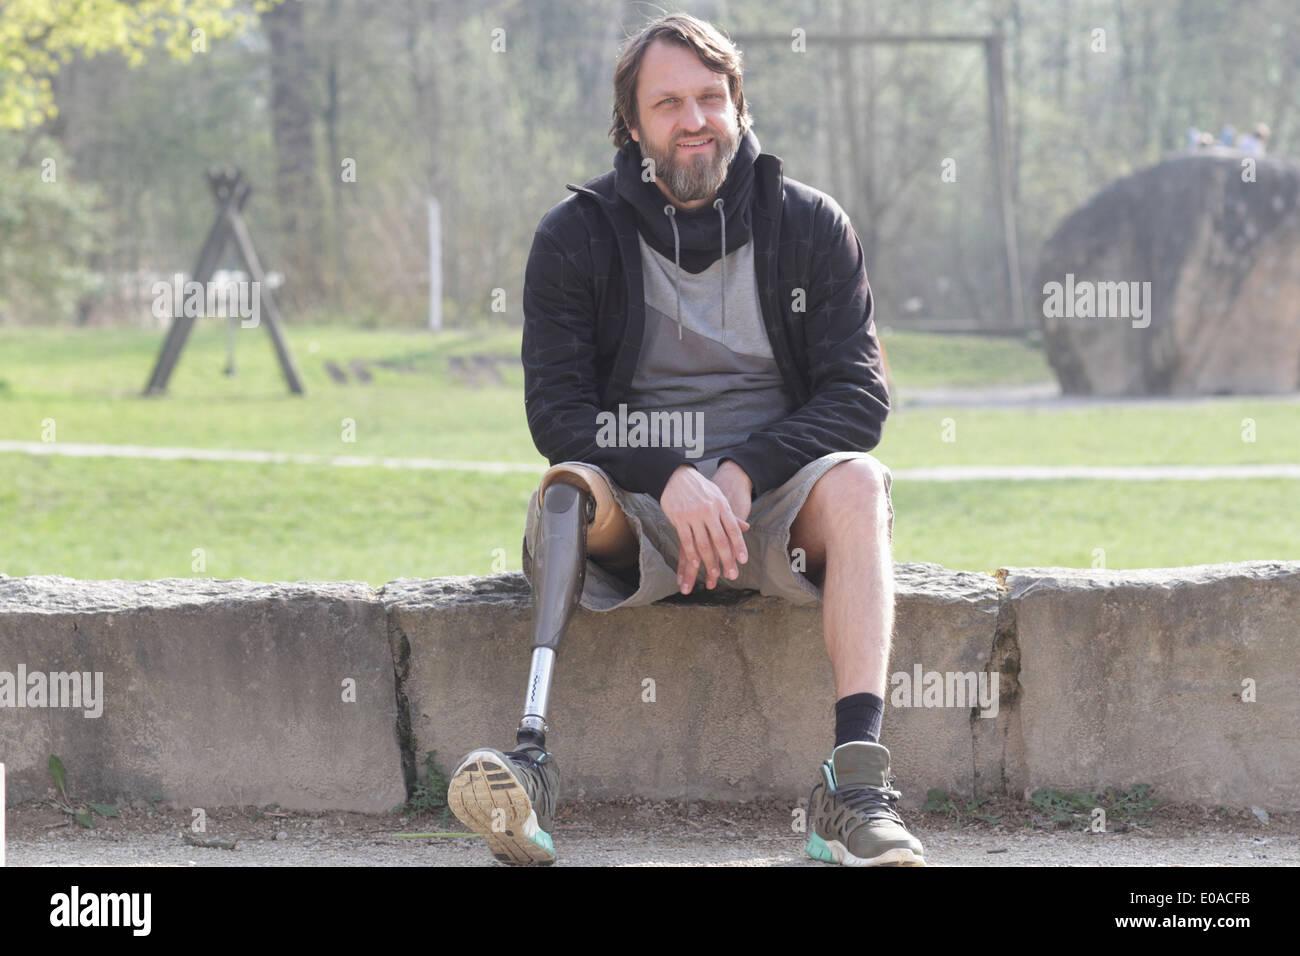 Portrait d'un homme avec une prothèse de jambe park Photo Stock